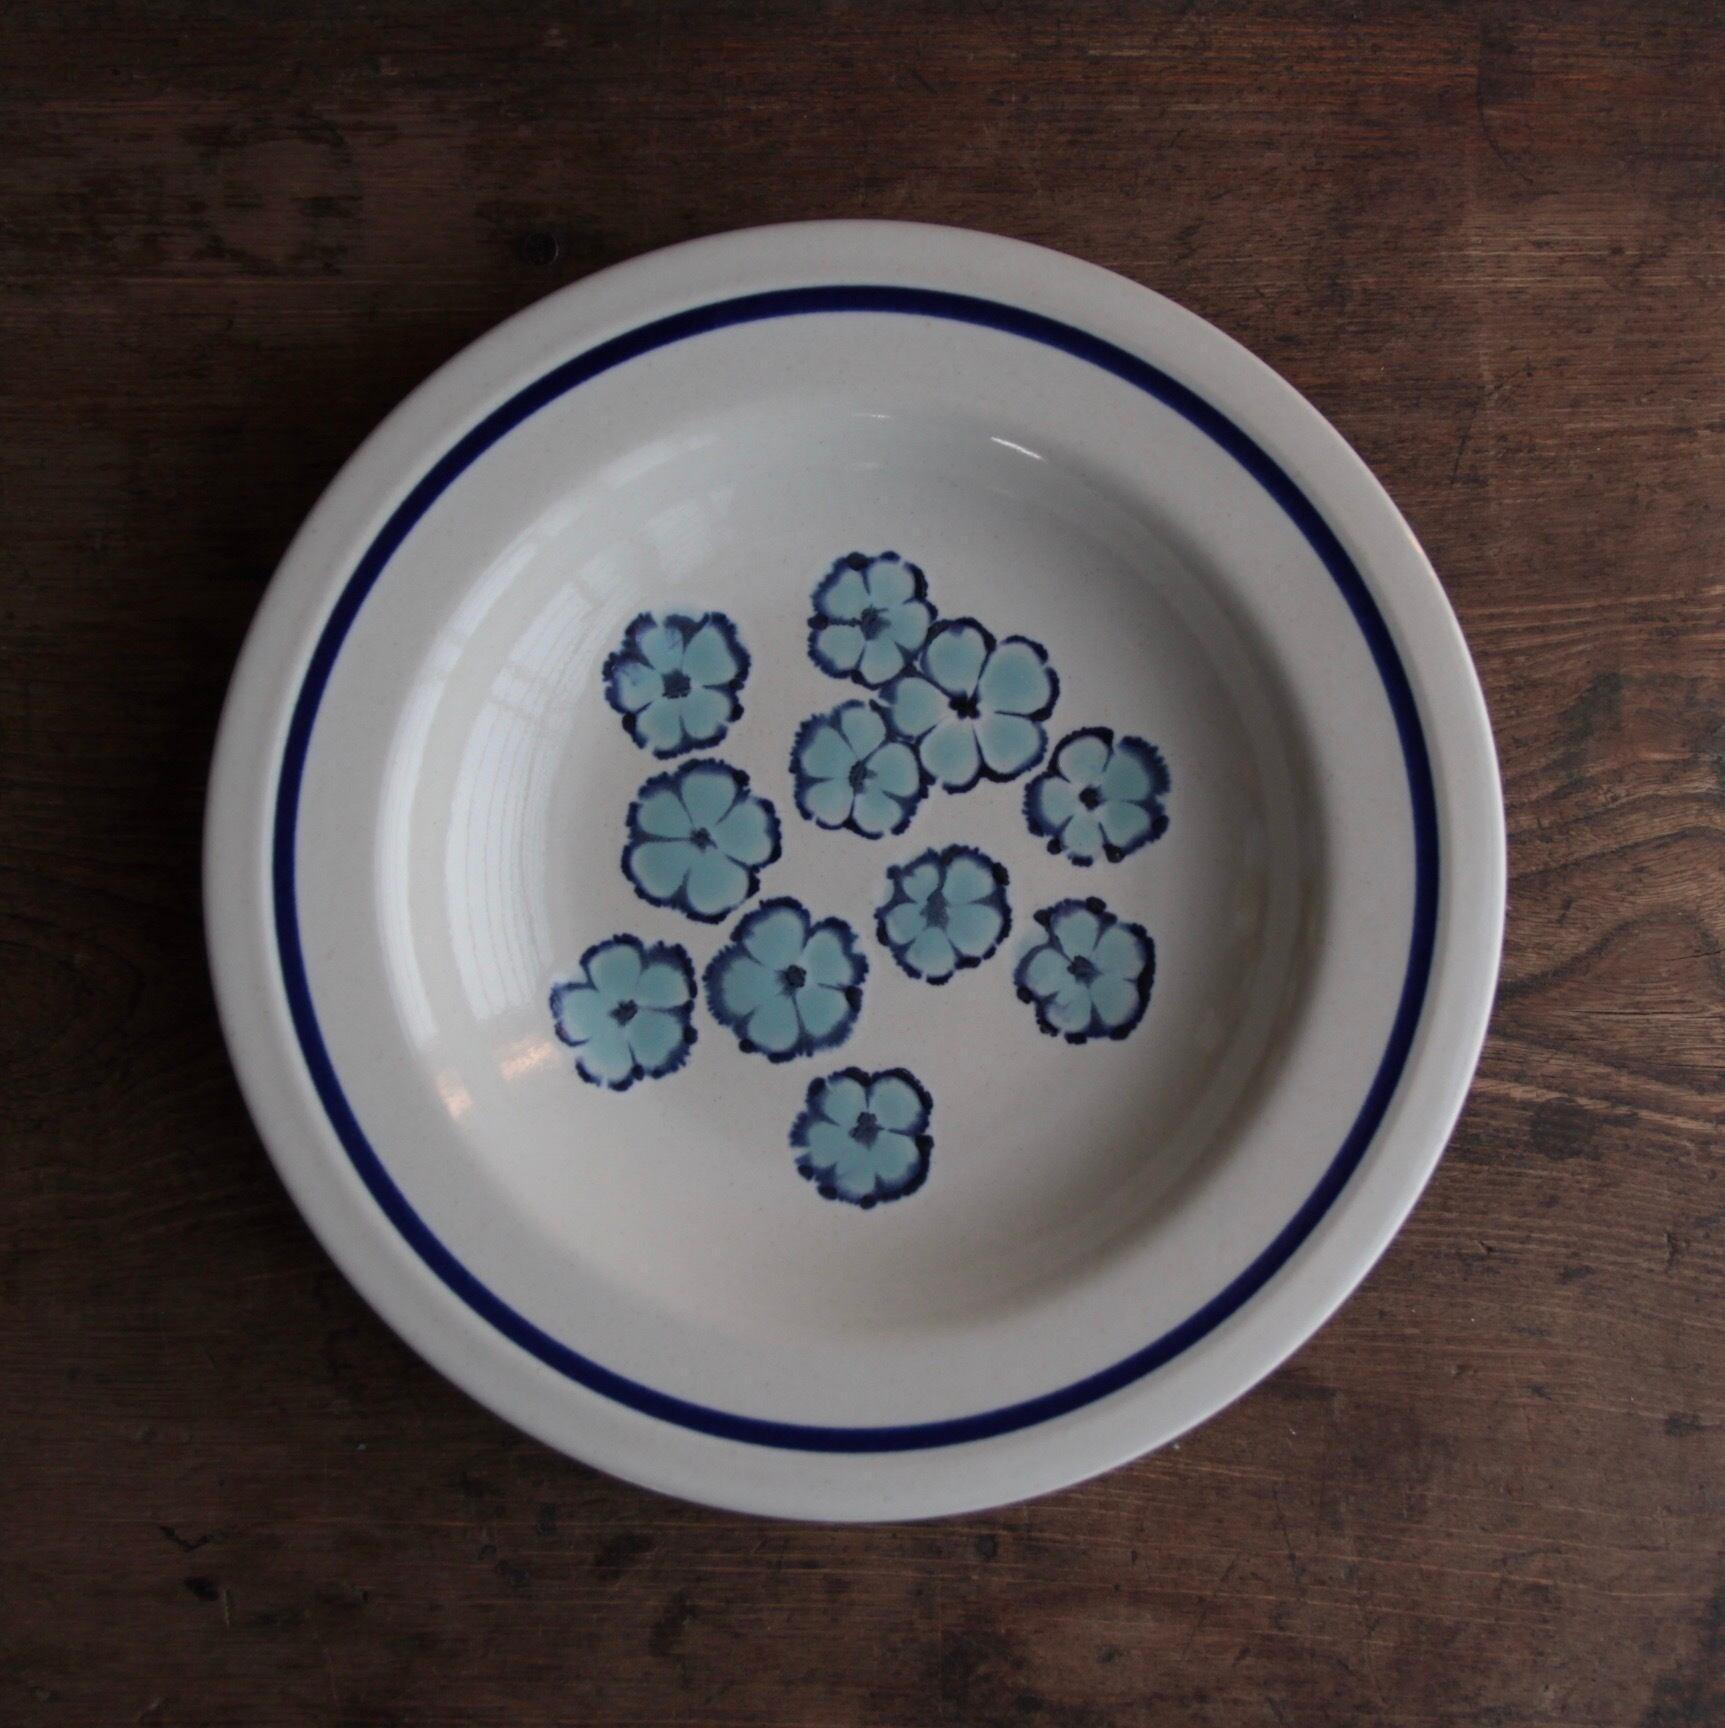 桃山陶器 青の花柄 ストーンウェア 在庫1枚